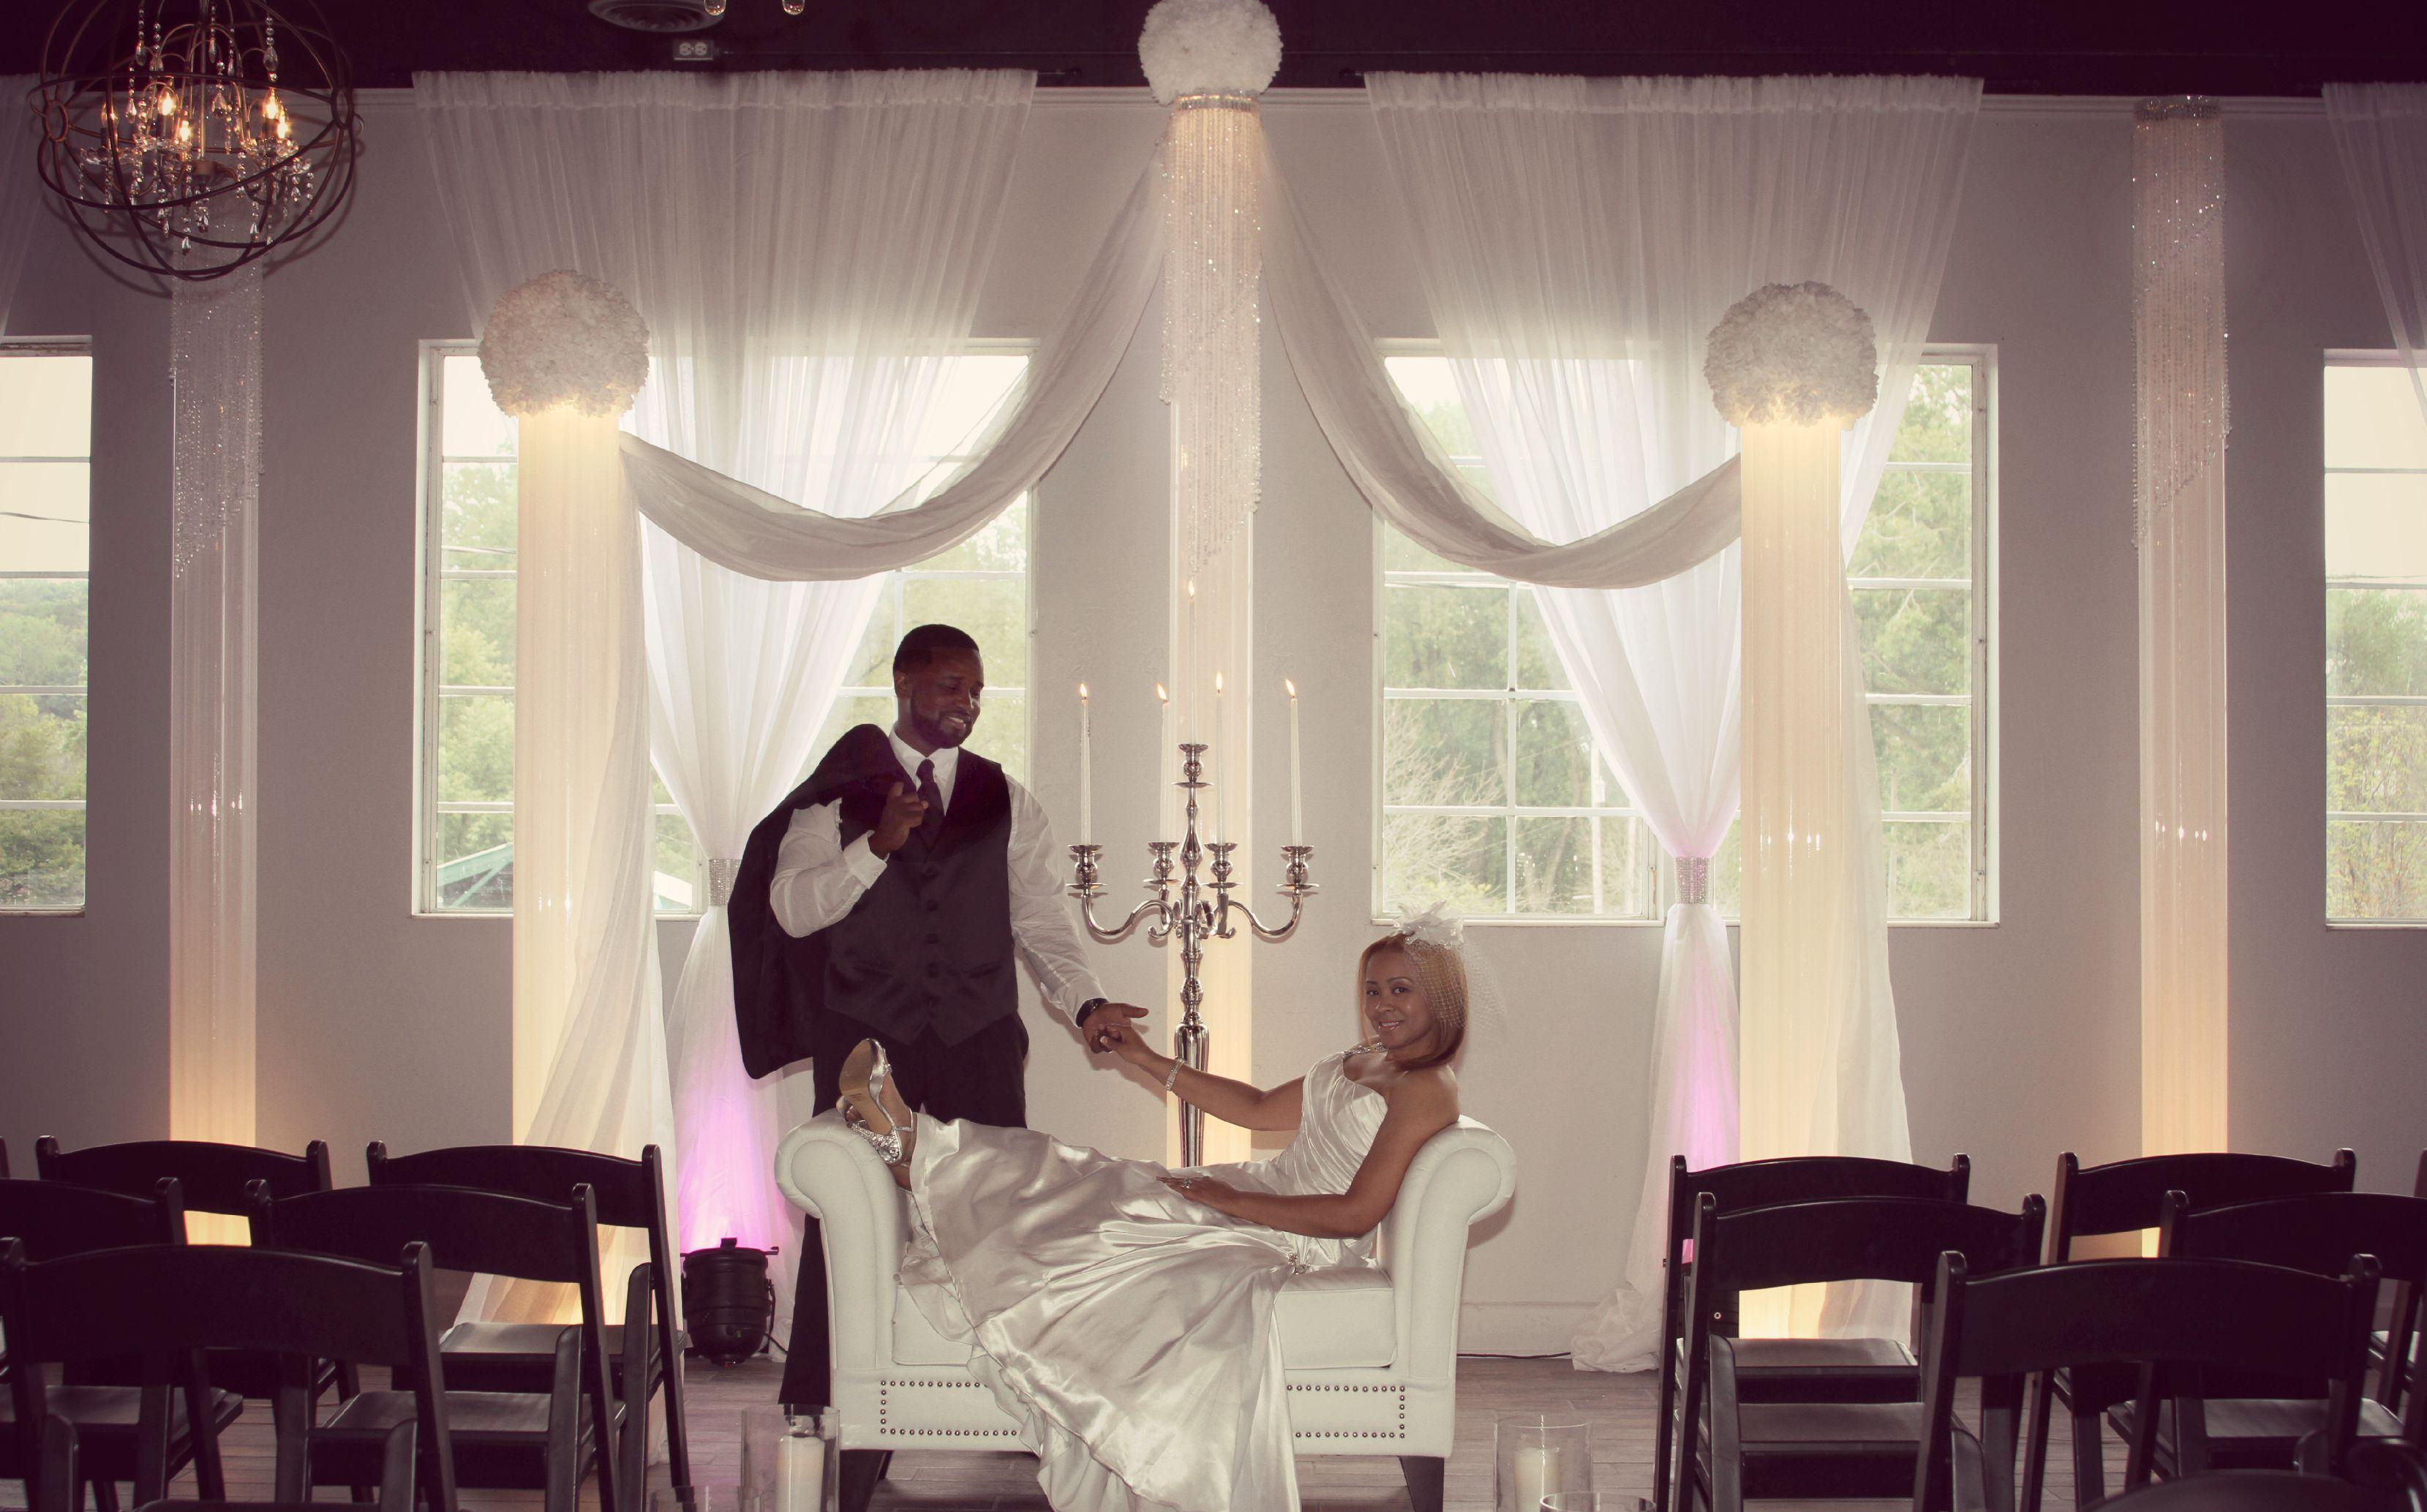 VIP Wedding | Indoor wedding ceremonies, Elegant wedding ...